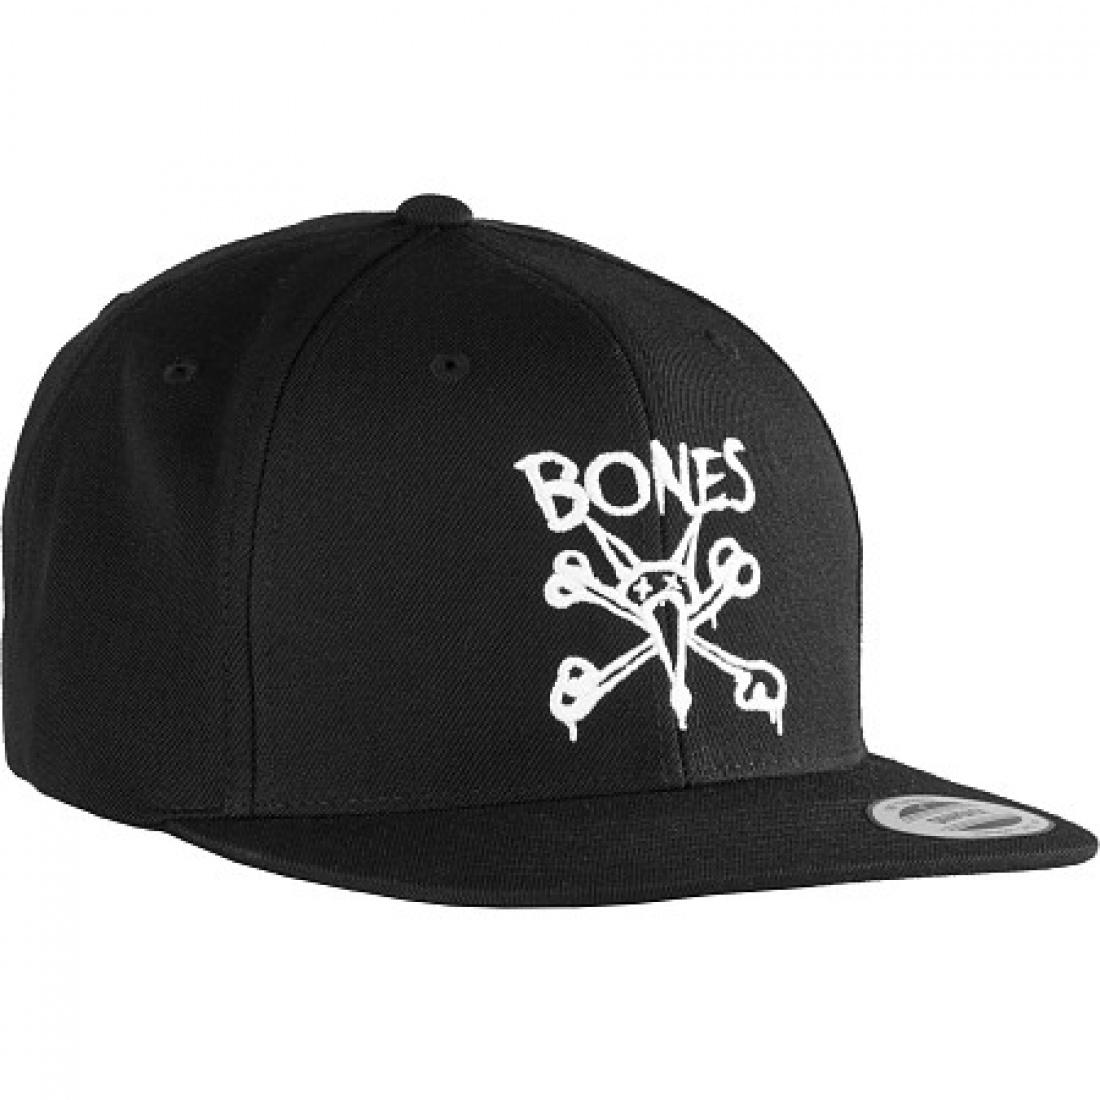 Bones Wool Vato Op Snap Back Cap